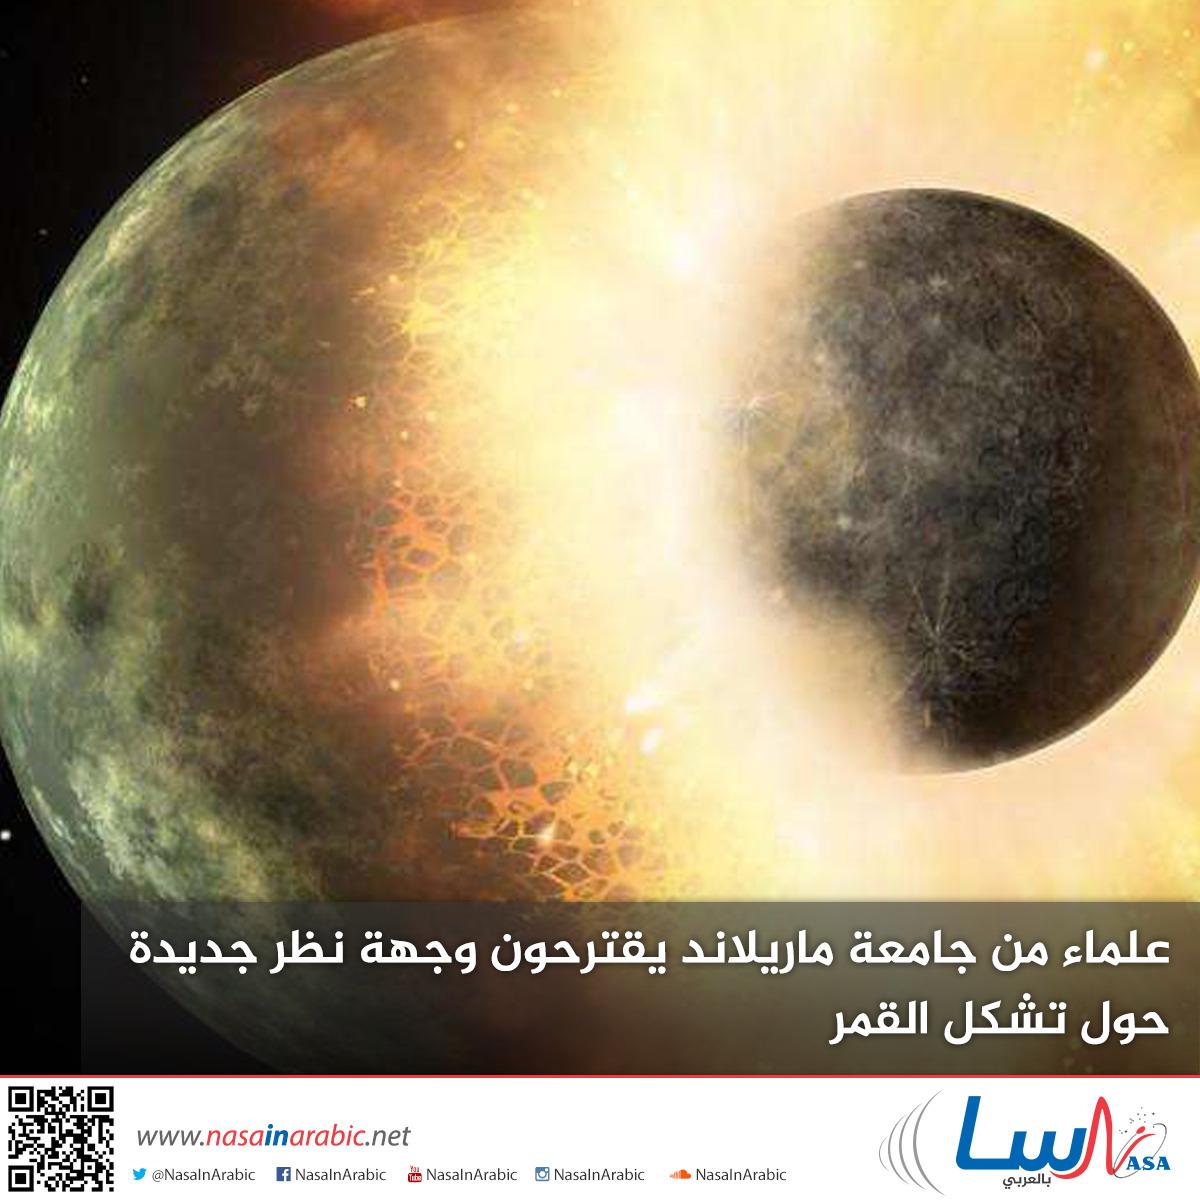 علماء يقترحون وجهة نظر جديدة حول تشكل القمر